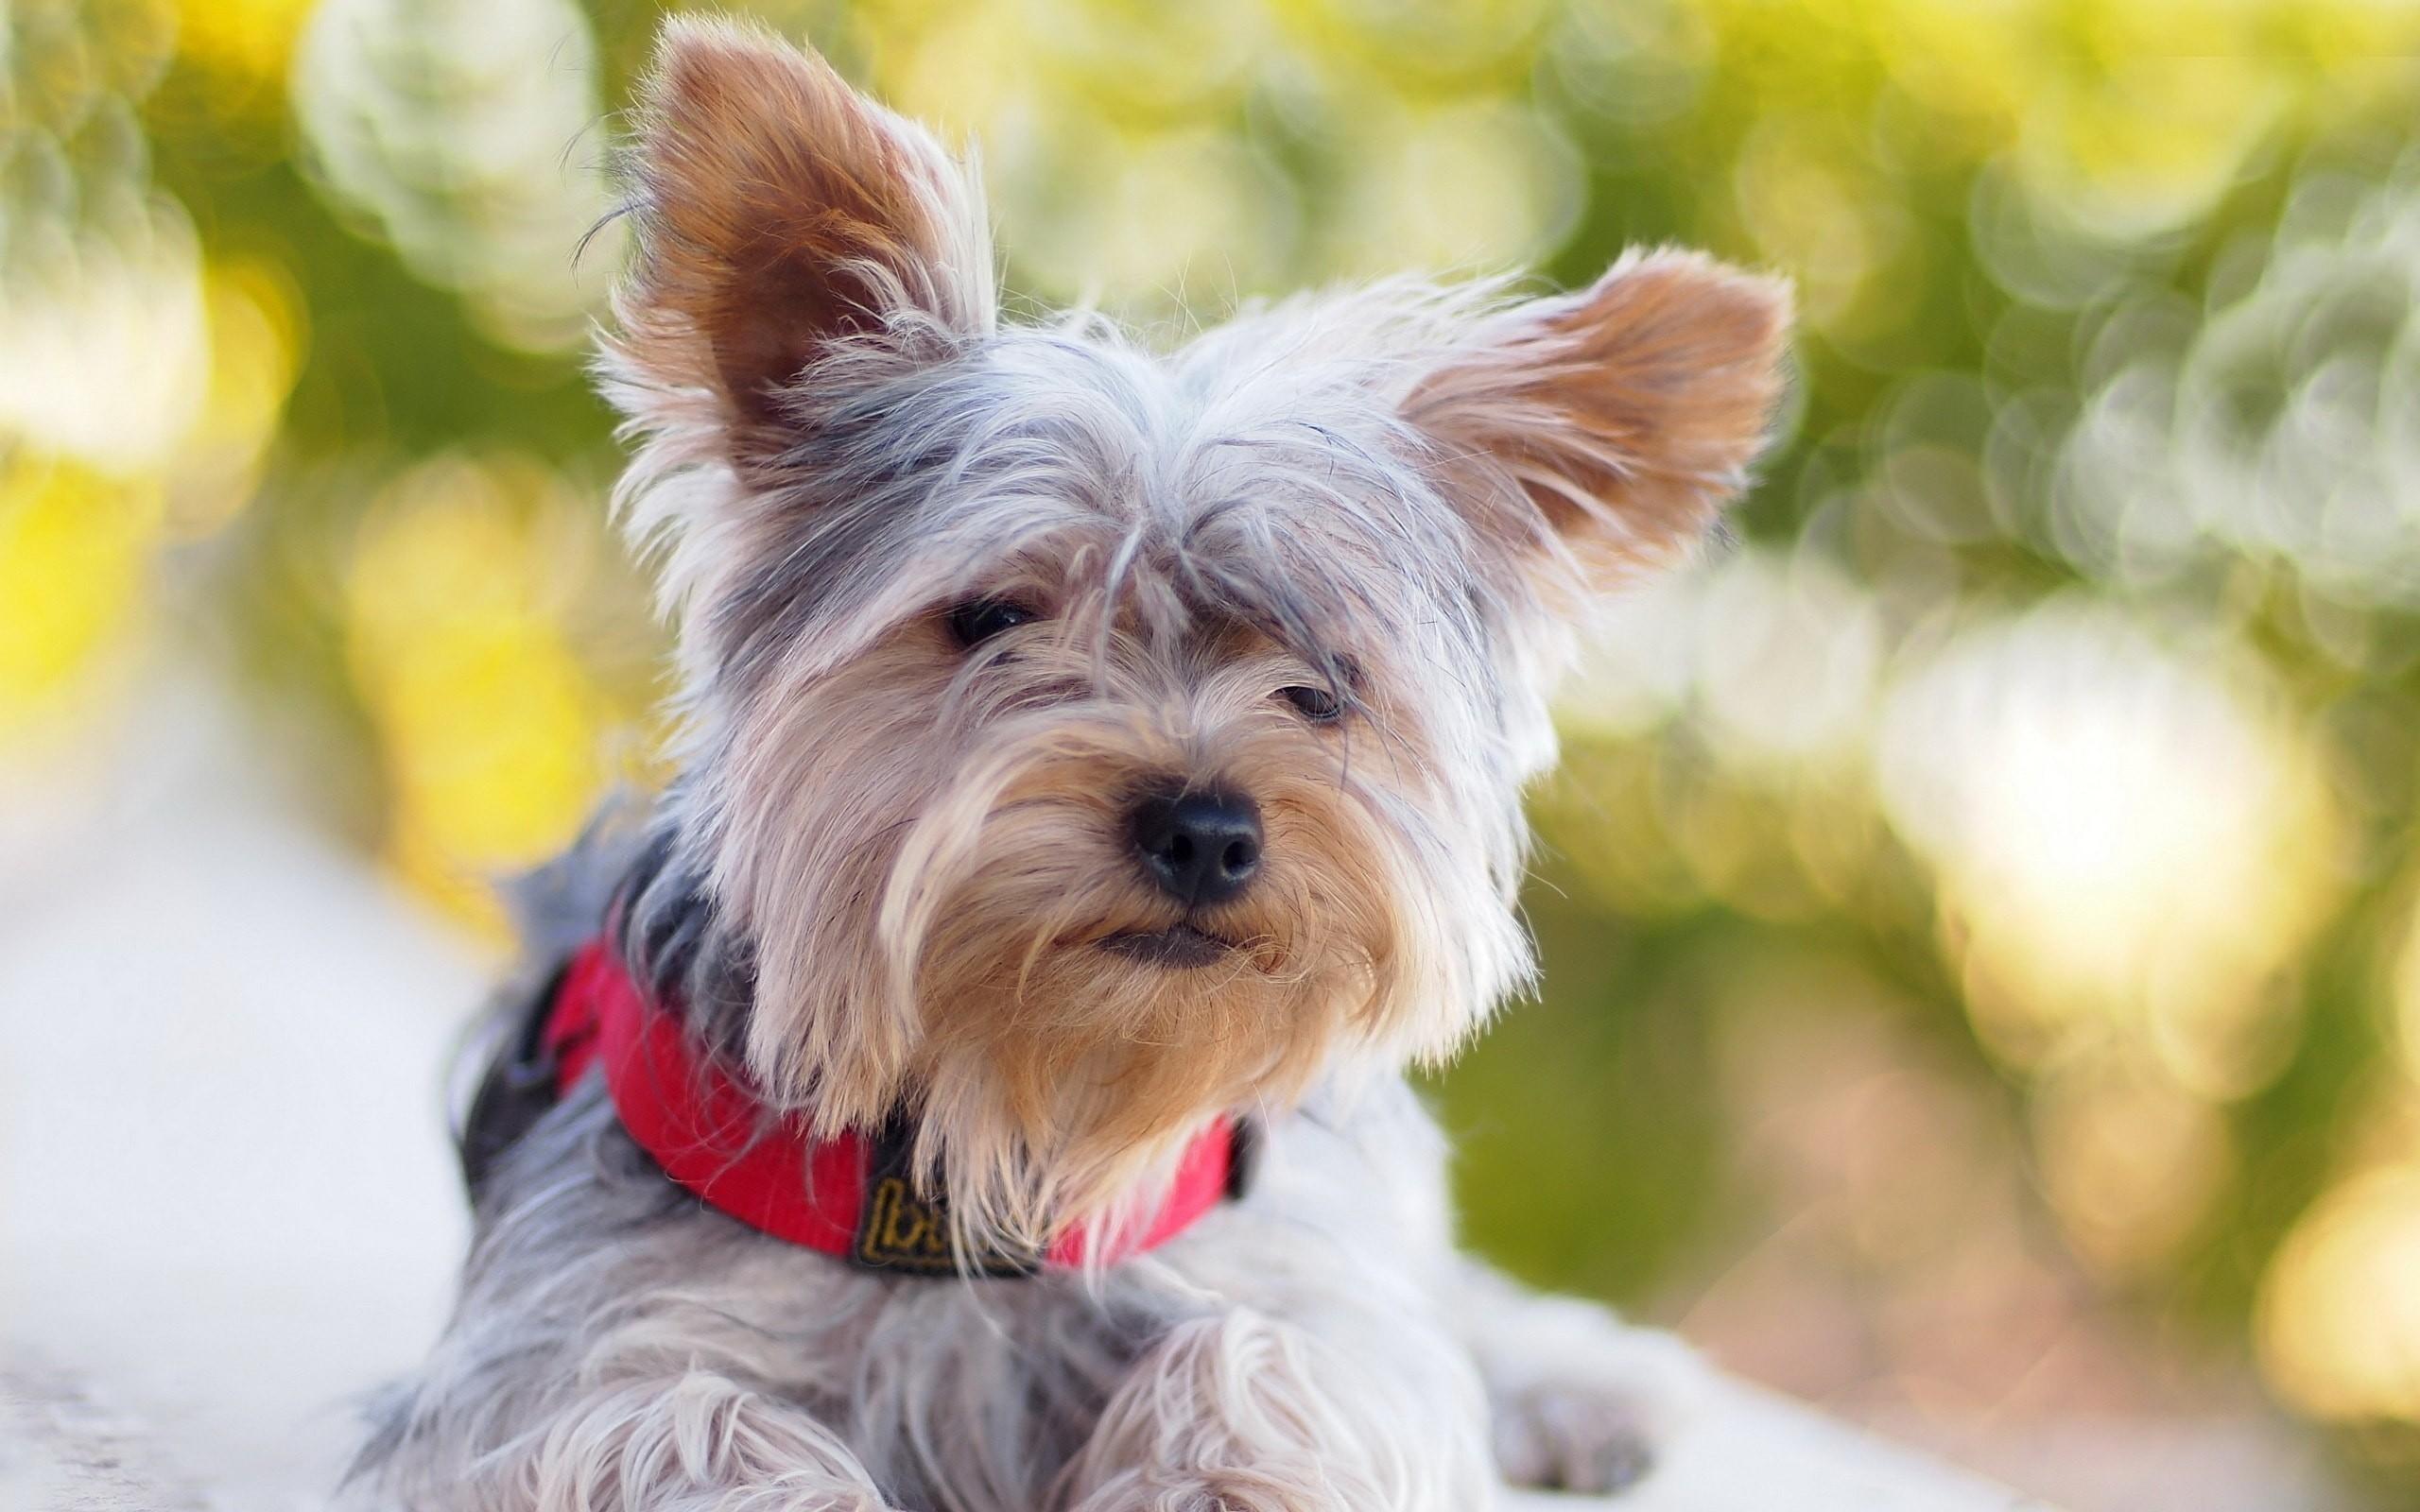 Australian Silky Terrier HD pics Australian Silky Terrier Wallpapers hd